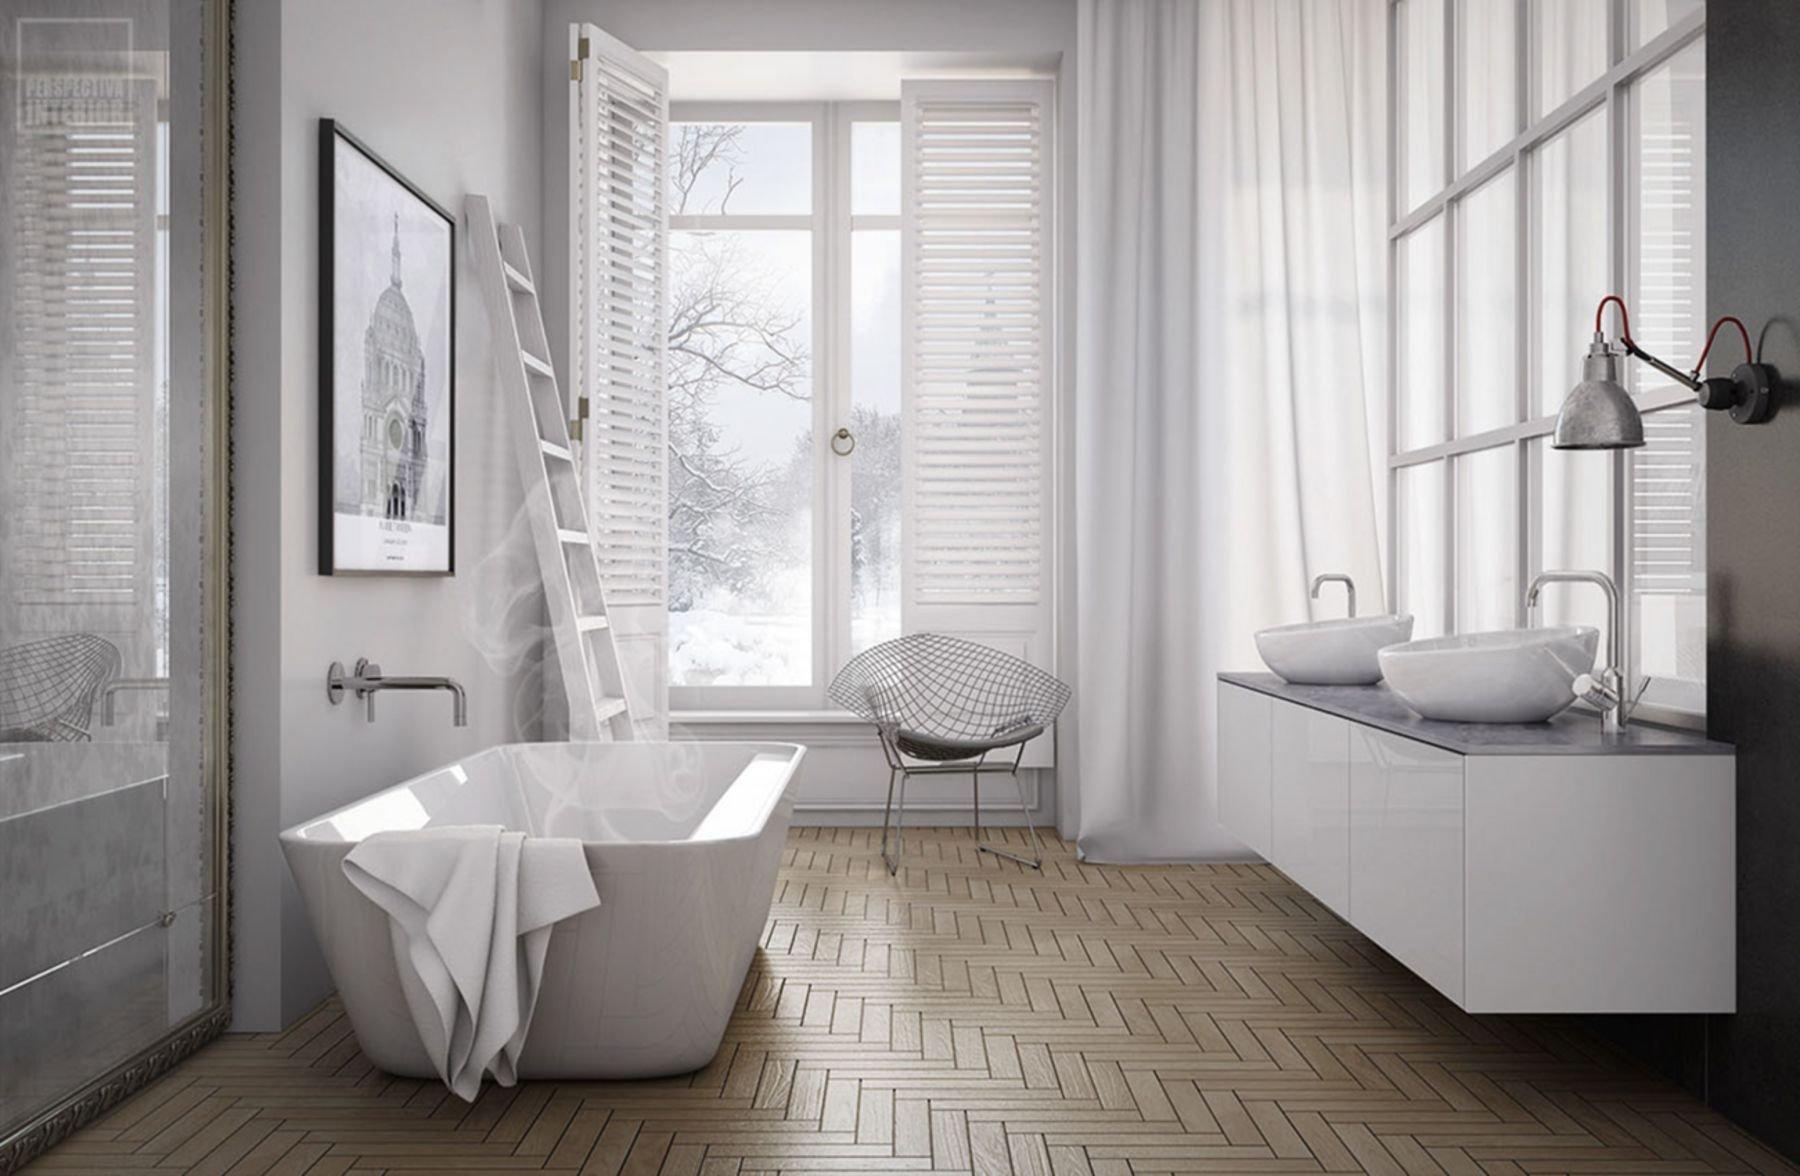 Ванная комната в скандинавском стиле - 20 фото идей интерьера